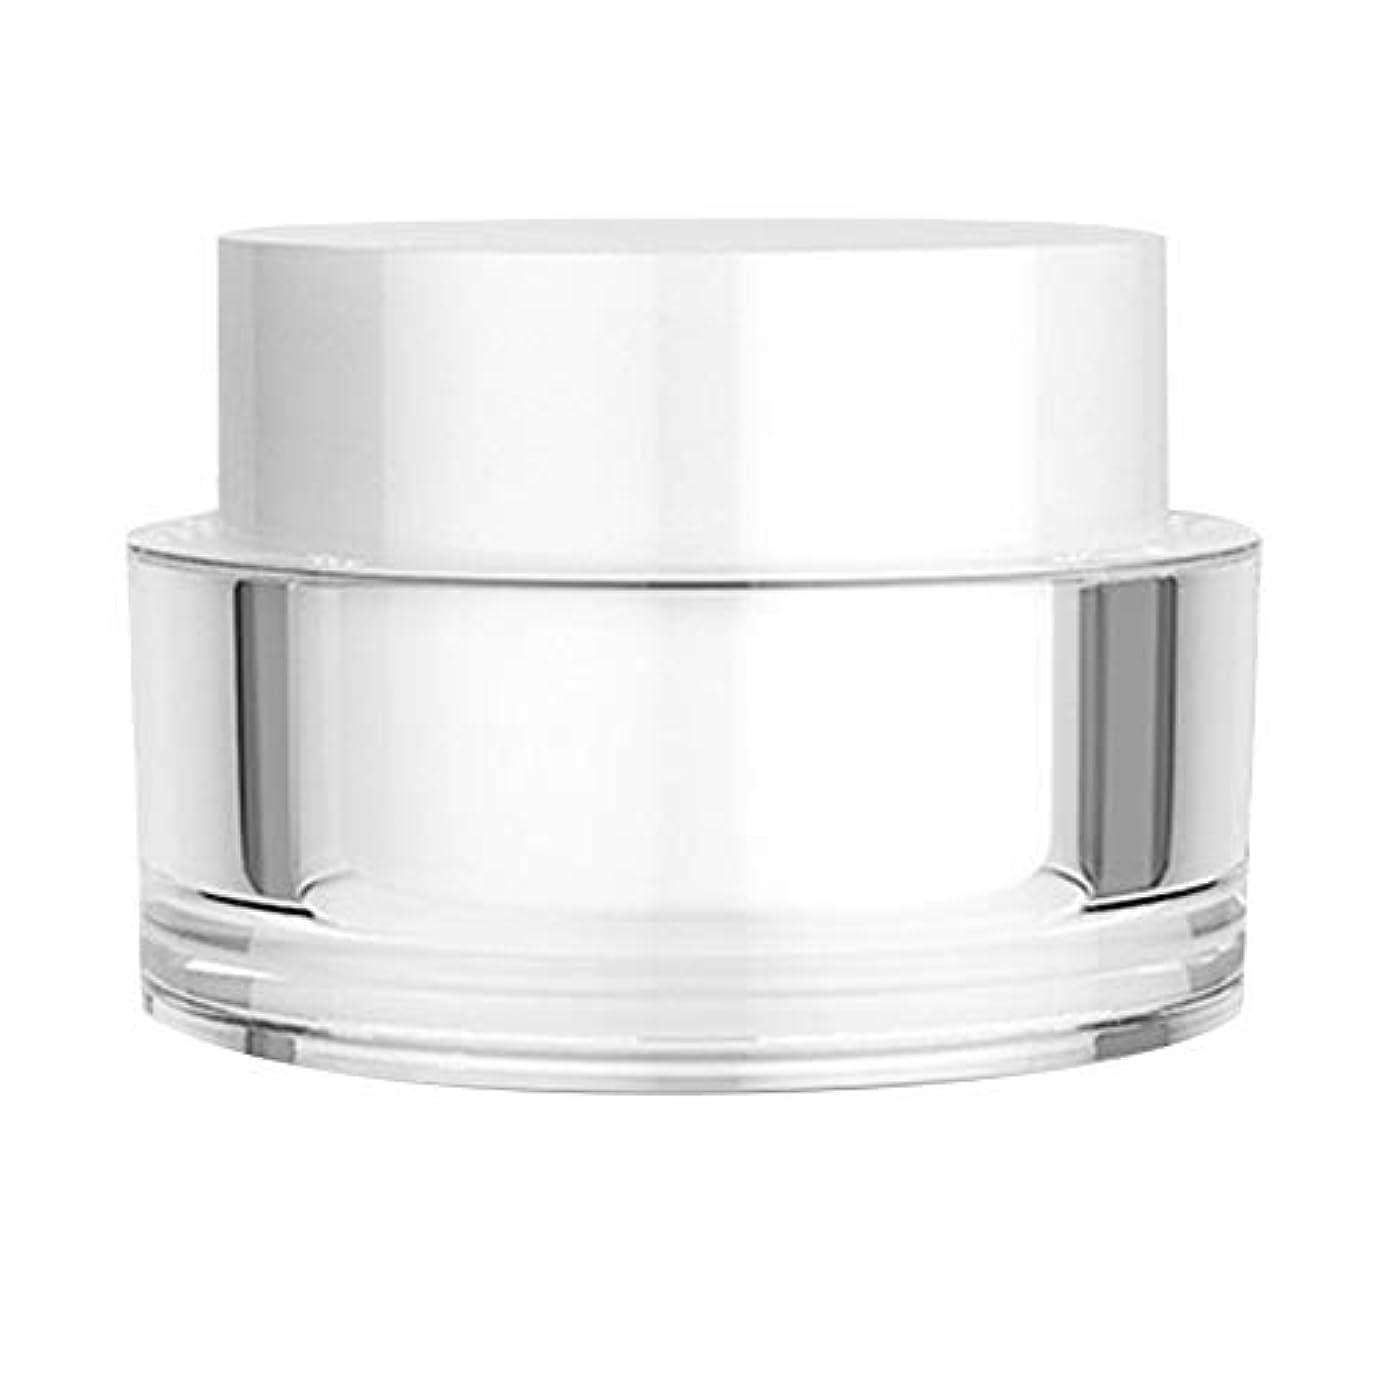 かごロードされたゴミ箱Vi.yo クリームケース 小分け容器 コスメ用詰替え容器 携帯便利 出張 旅行用品 50g